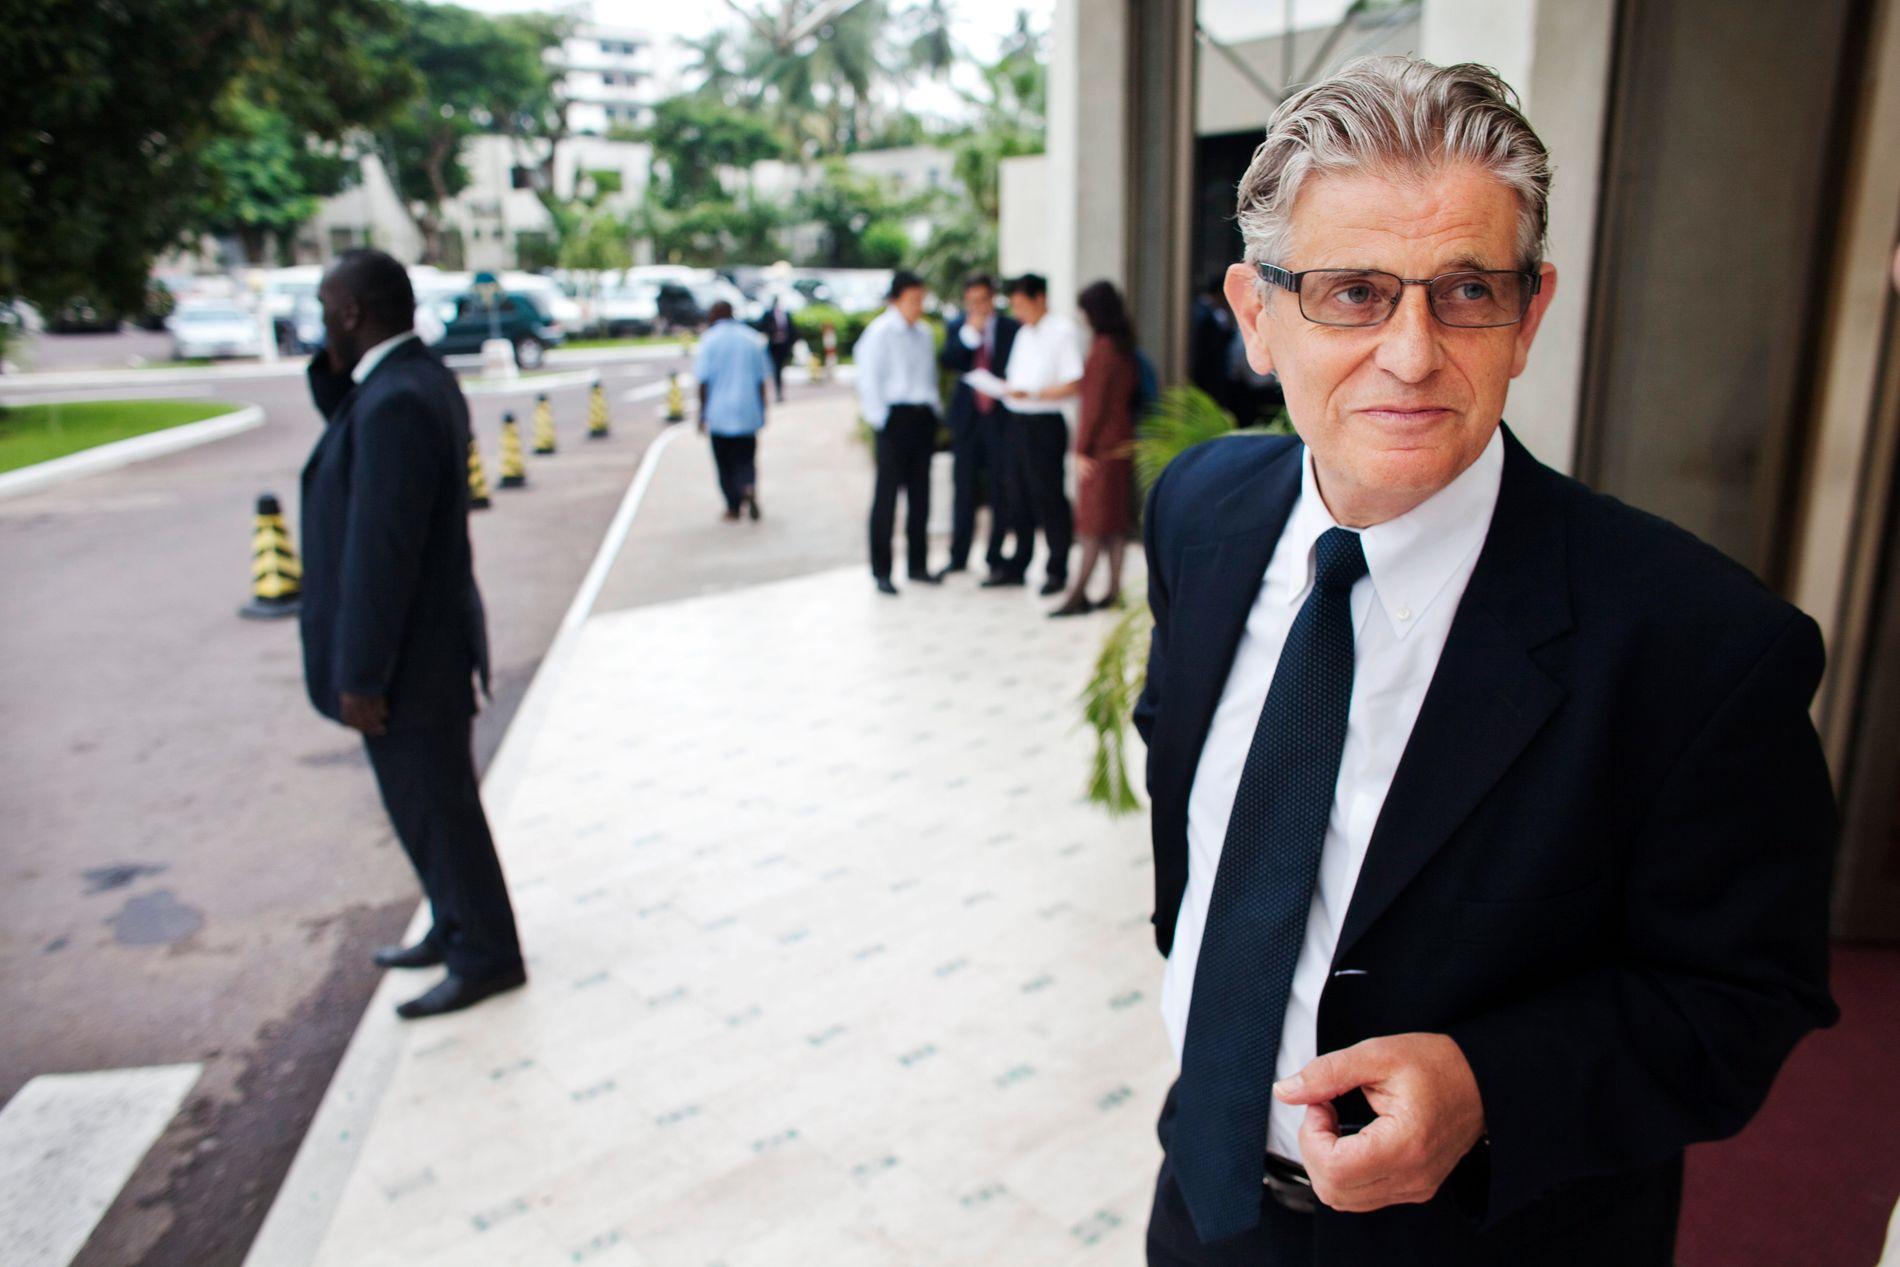 SPESIALUTSENDING: Arild Øyen var en viktig bidragsyter i å få Joshua French løslatt. Her i Kongo i 2009.